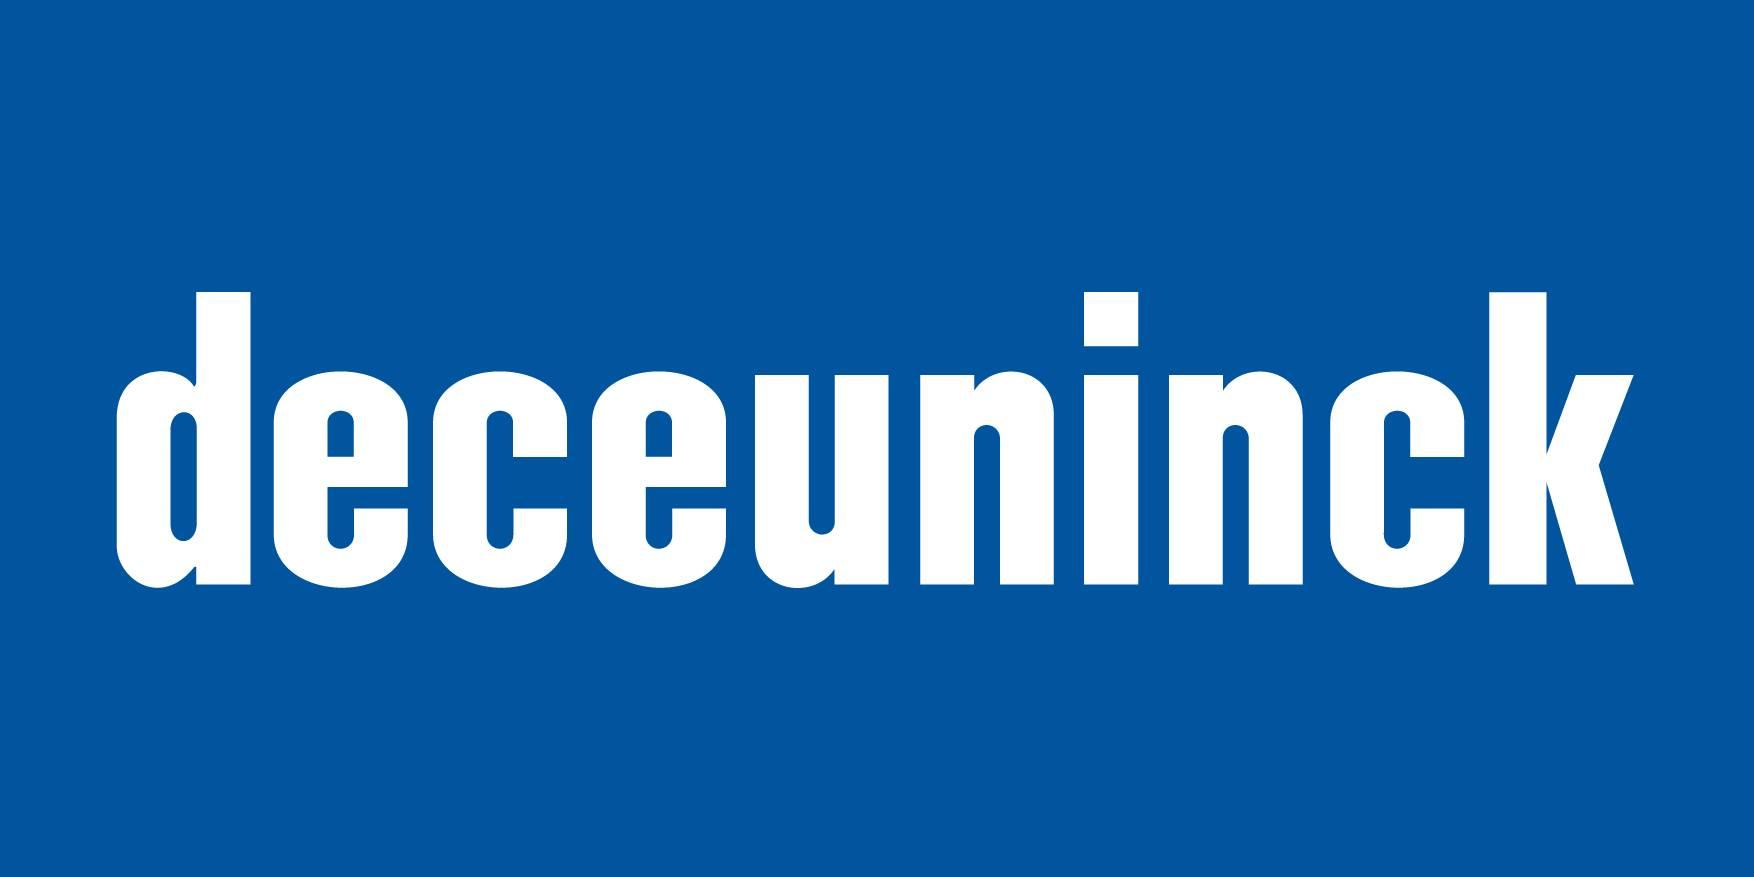 Концерн Deceuninck подвел финансовые итоги 2018 года